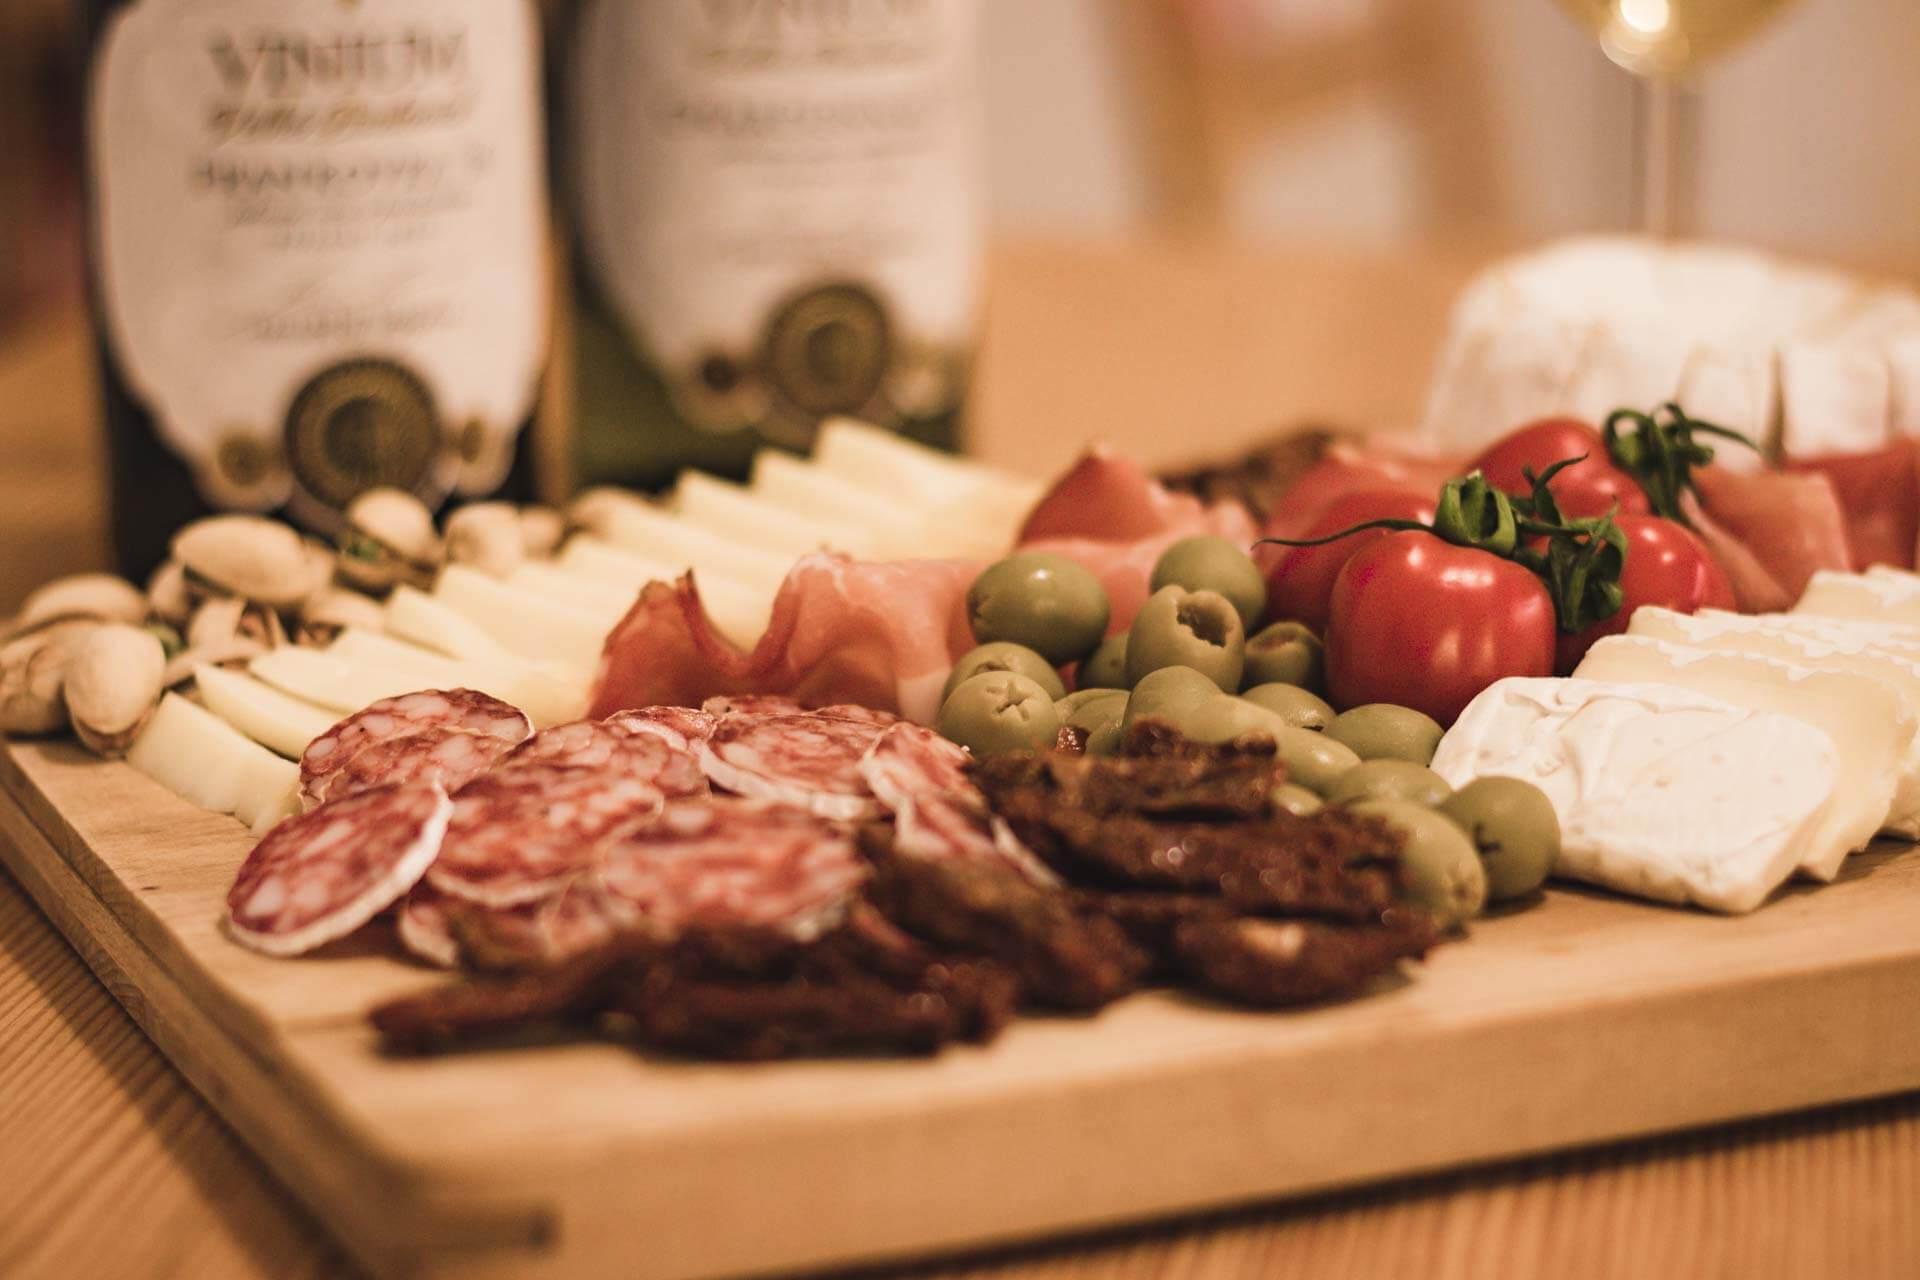 Foto ke článku 7, Silvestr, dobroty, jídlo, tapas, víno, VINIUM